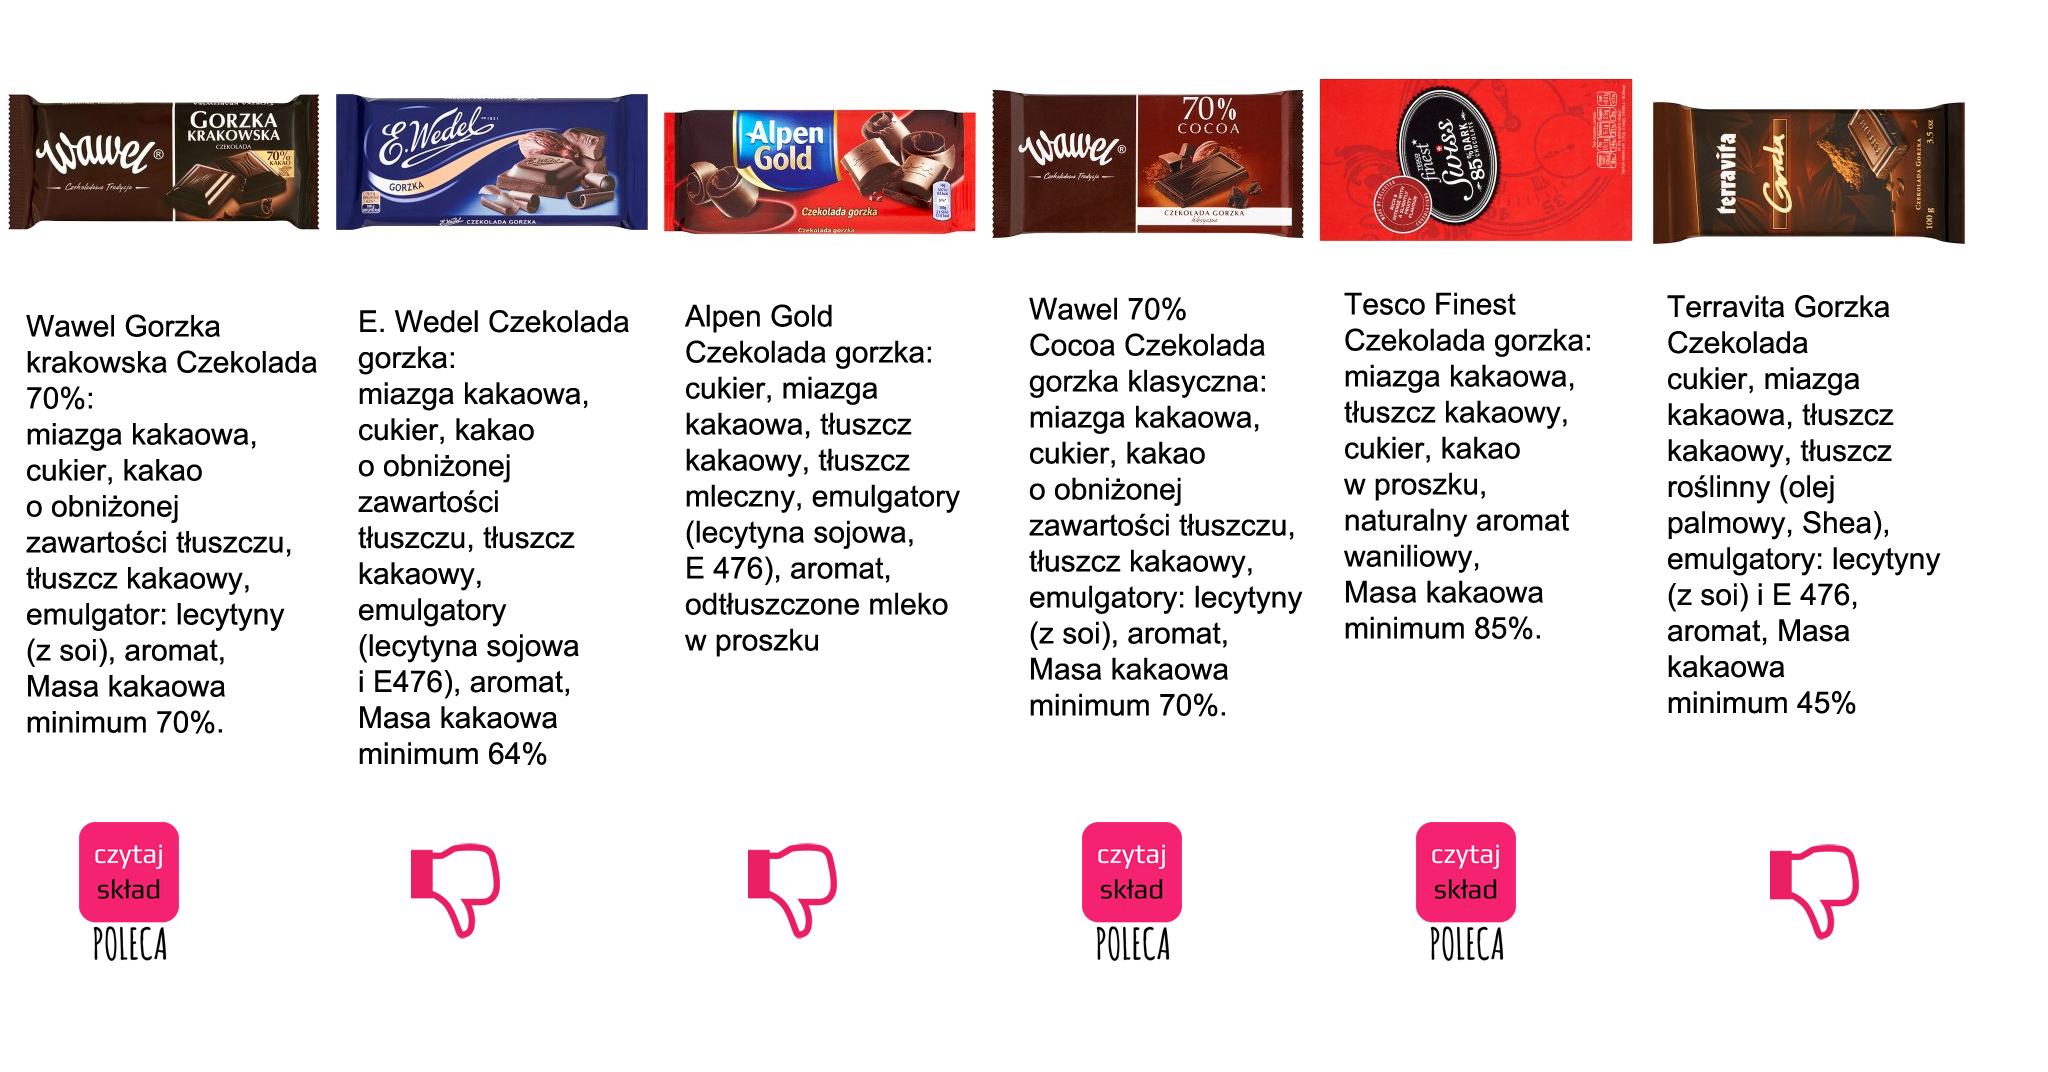 czekolada gorzka 1